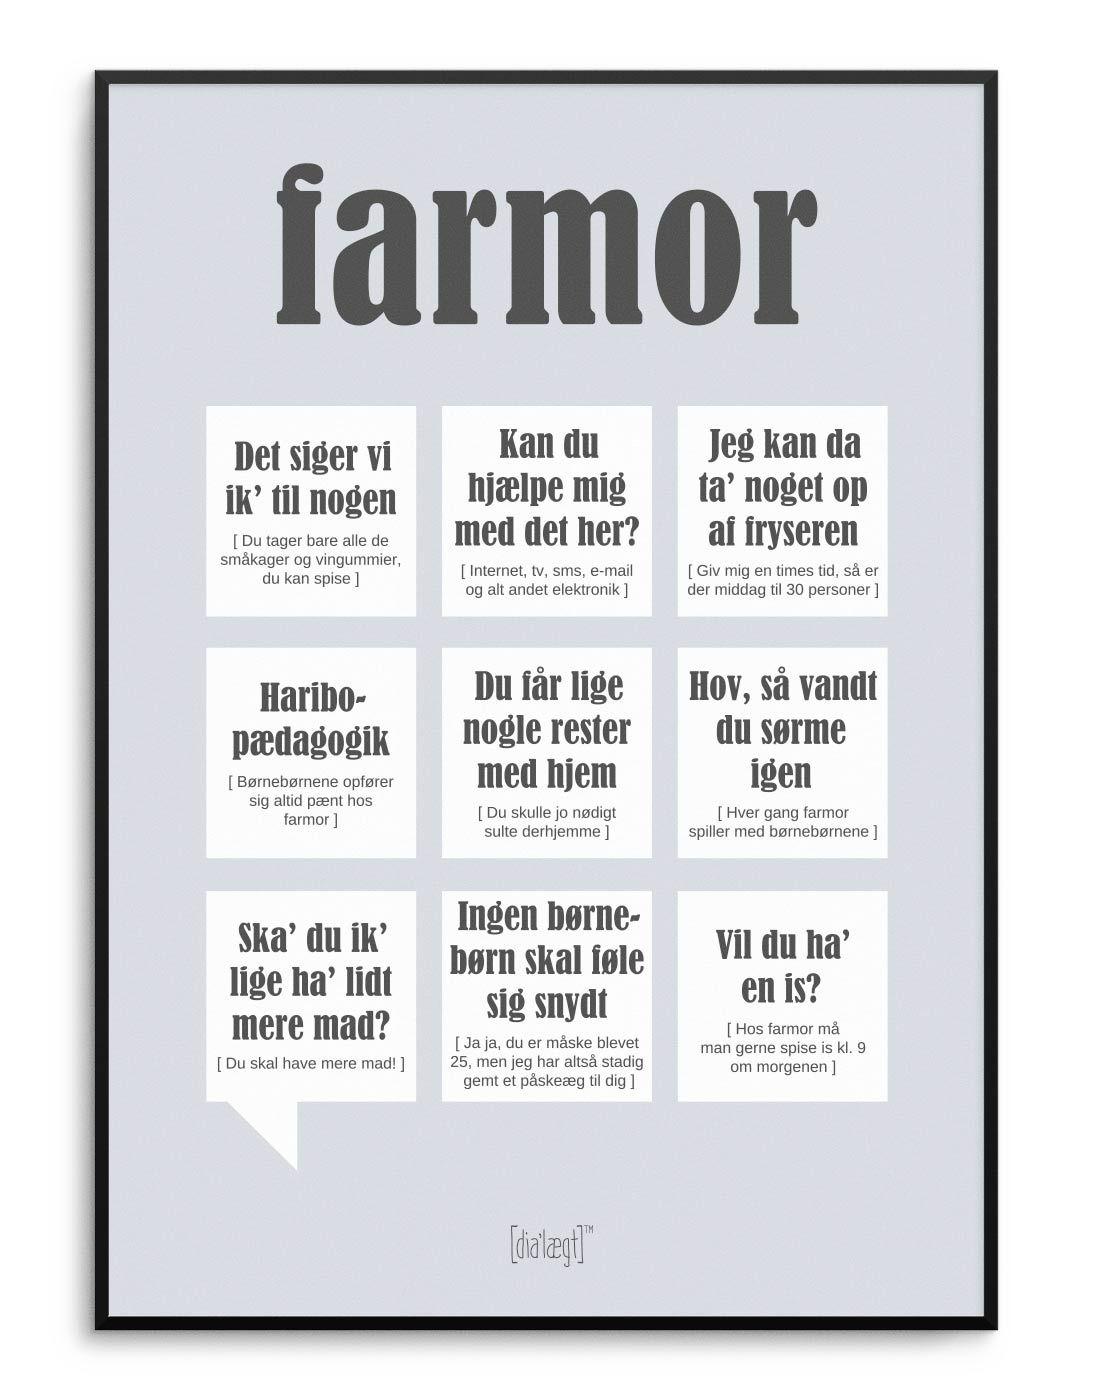 Farmor Plakat Kob Online Med Billeder Sjove Citater Livets Sandheder Plakater